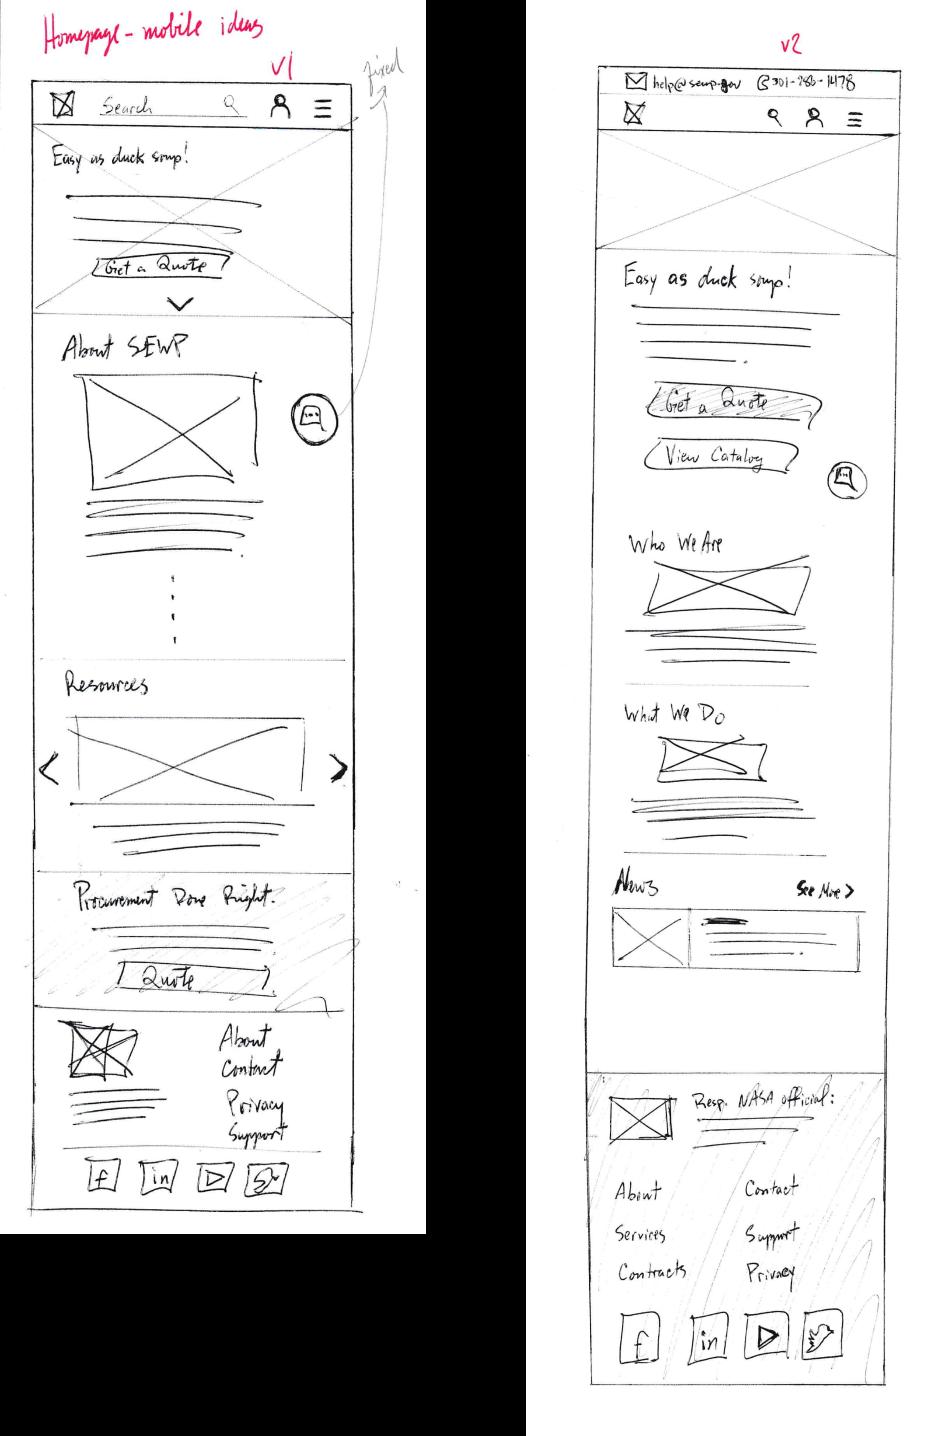 案例研究 NASA 网站的现代化再设计